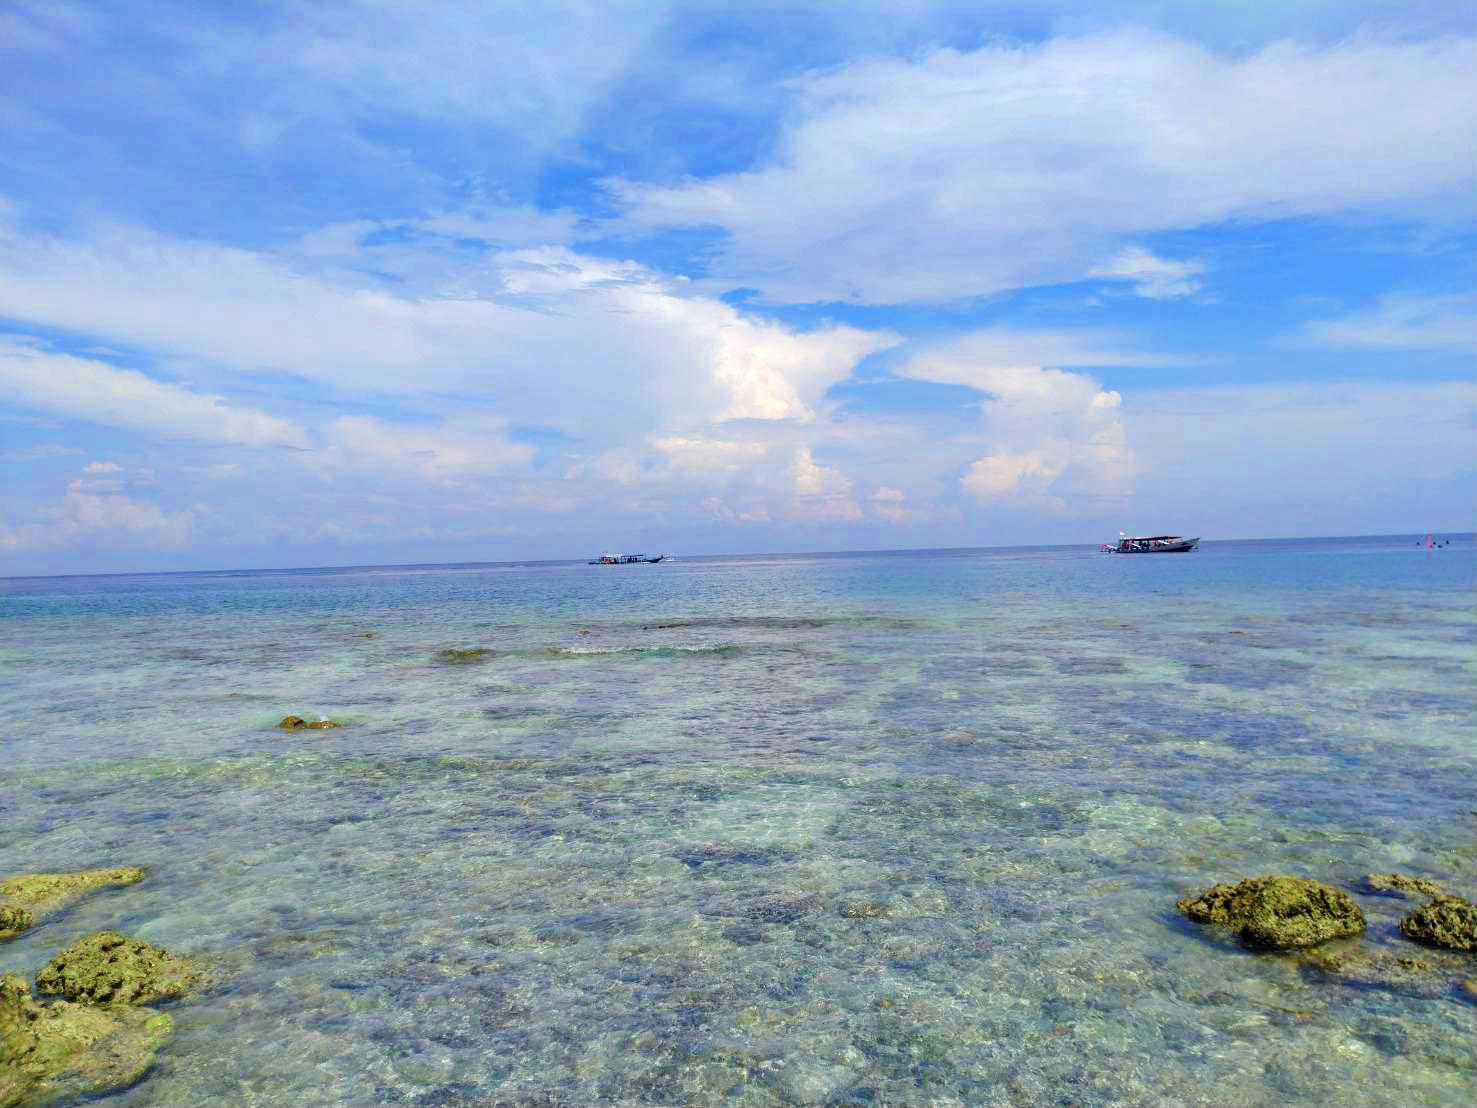 海がきれいな旅行先を選ぶときのポイント